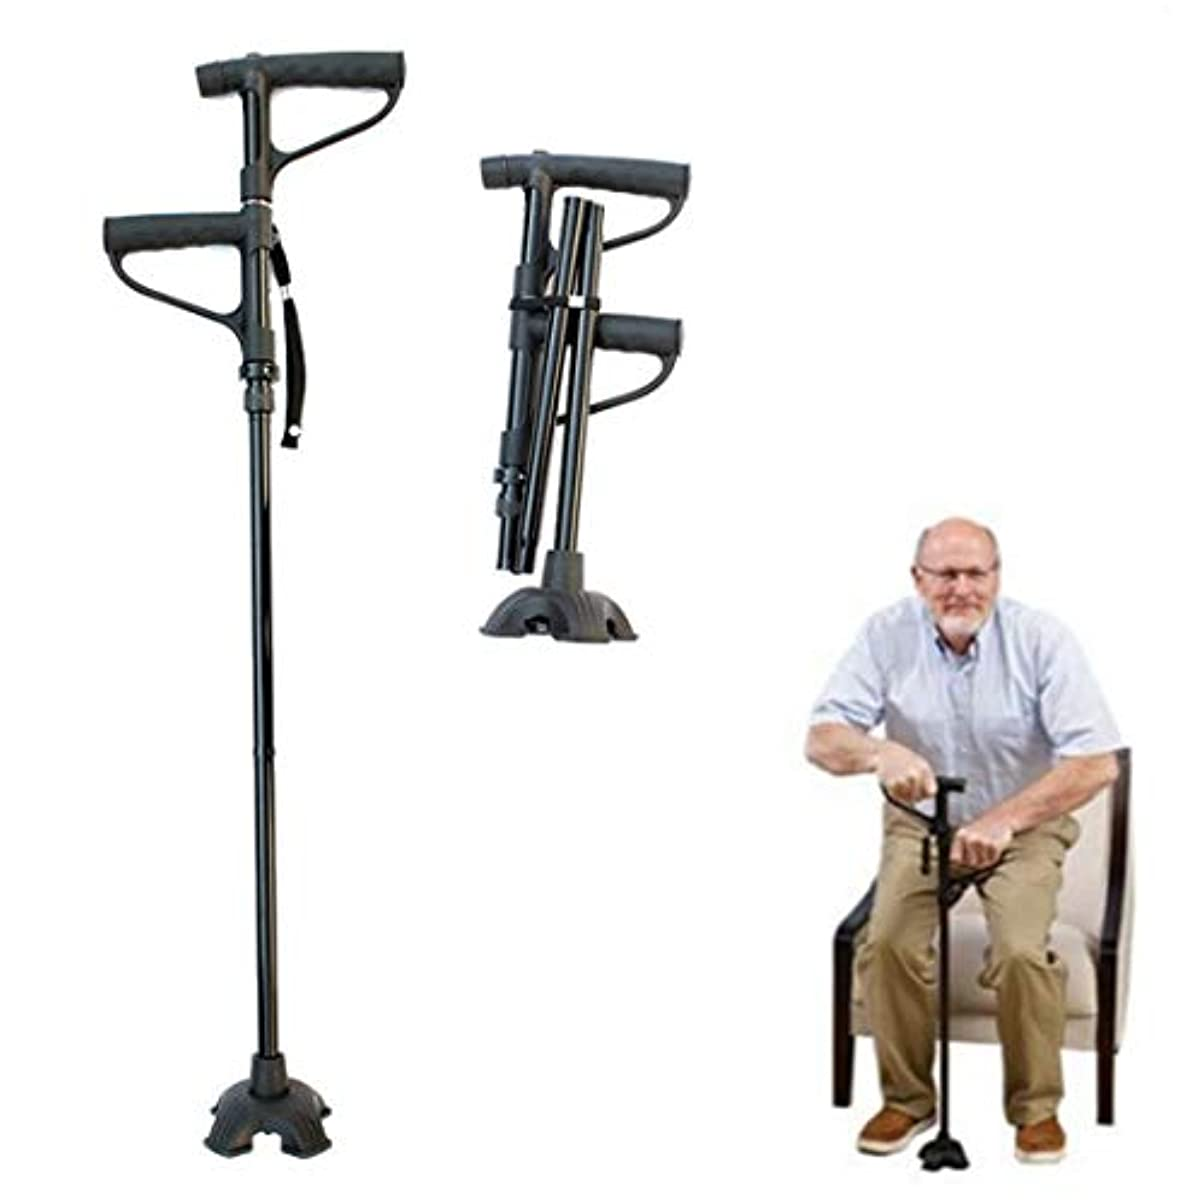 ラッチ悪意のある訪問年配者/女性/人の杖のための便利で折り畳み式の杖